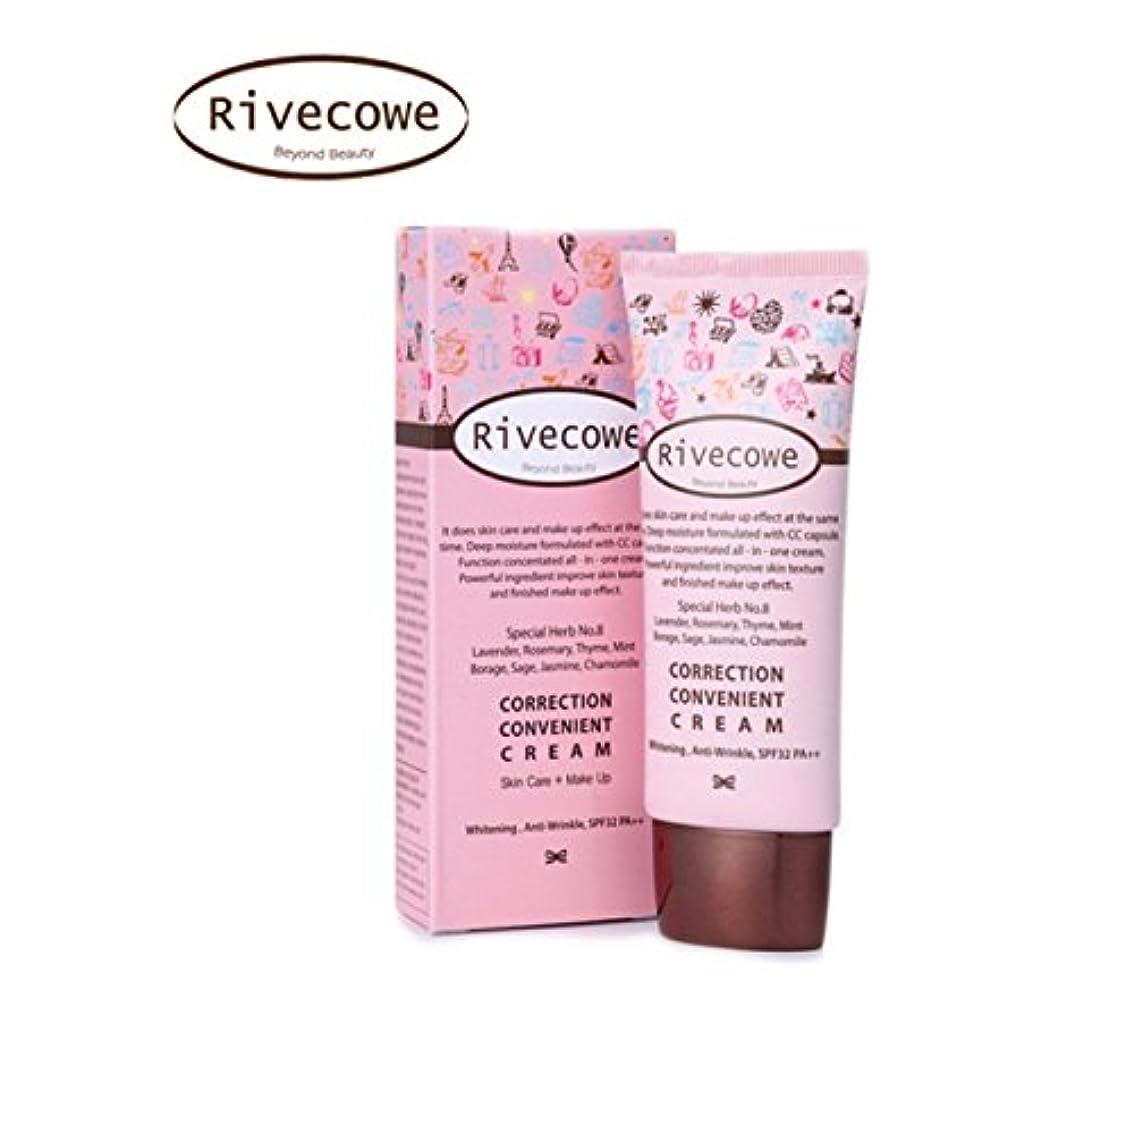 ライオン意識的物語リヴコイ [韓国コスメ Rivecowe] CC クリーム (SPF32,PA++) 40ml(BB Skin Care+Makeup Foundation)/w Gift Sample [並行輸入品]